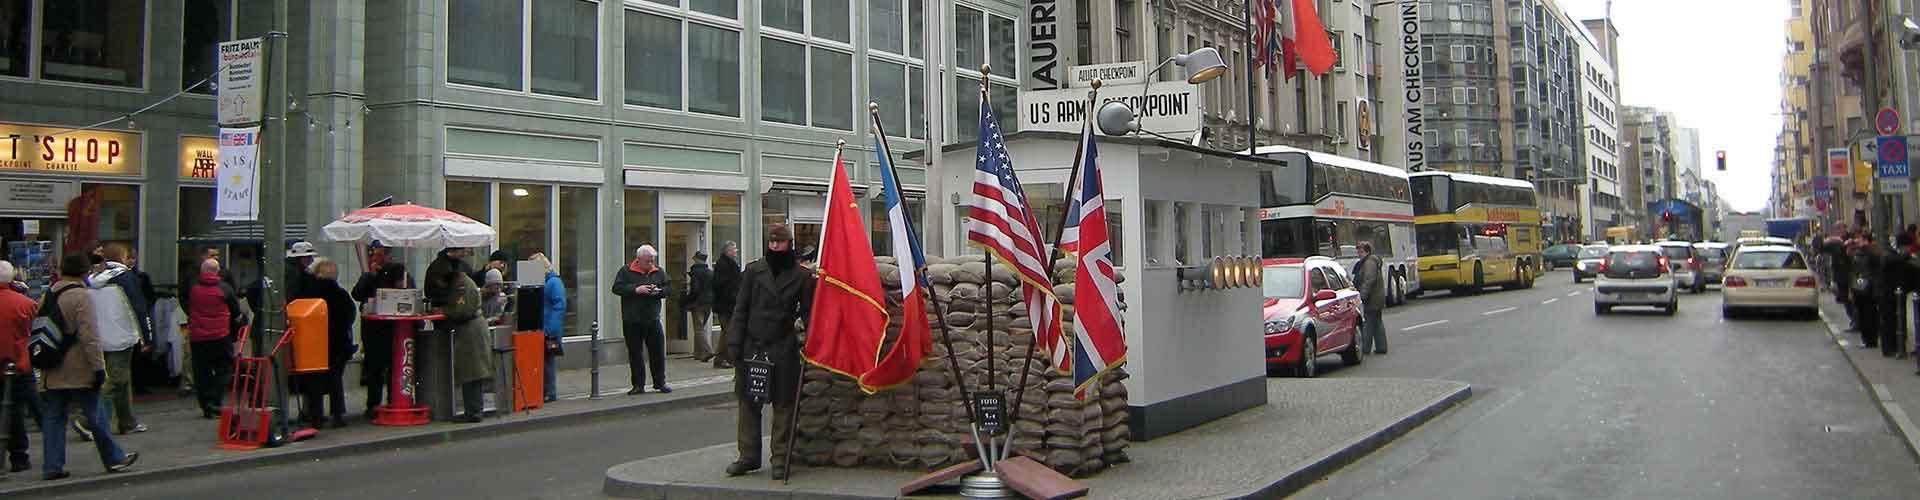 Berlin – Hostels in der Nähe von Checkpoint Charlie. Berlin auf der Karte. Fotos und Bewertungen für jedes Hostel in Berlin.